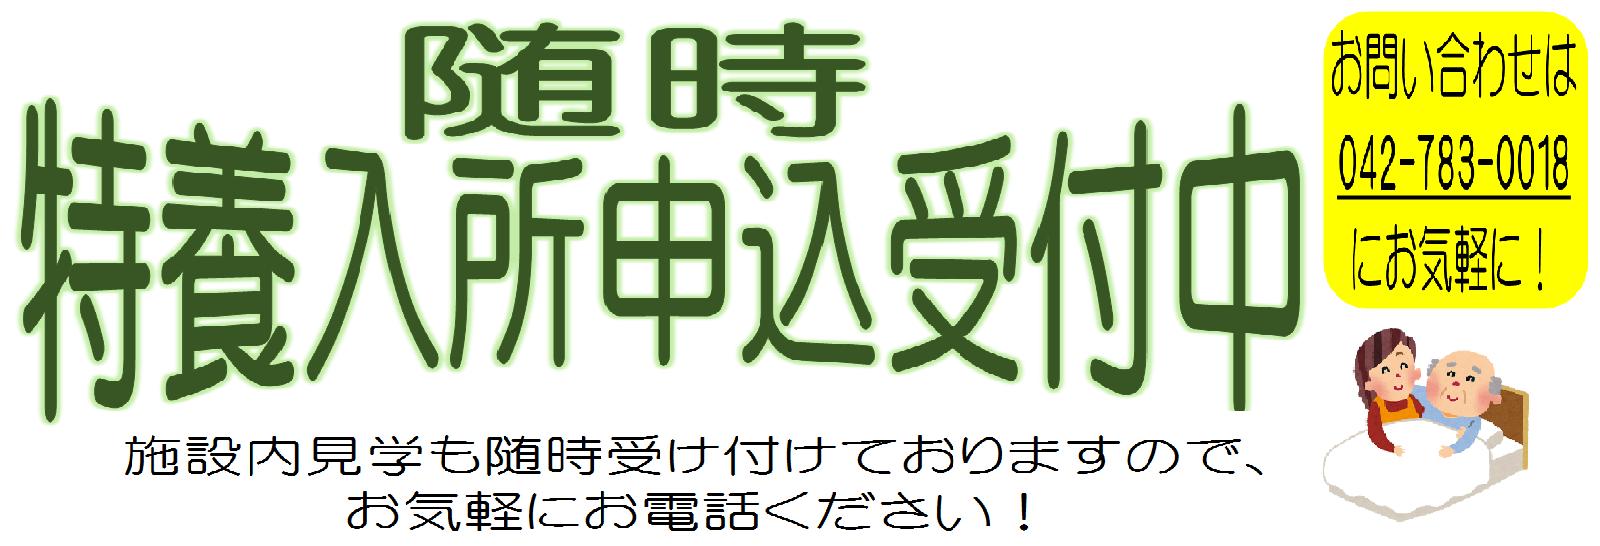 http://lifehomeshiroyama.com